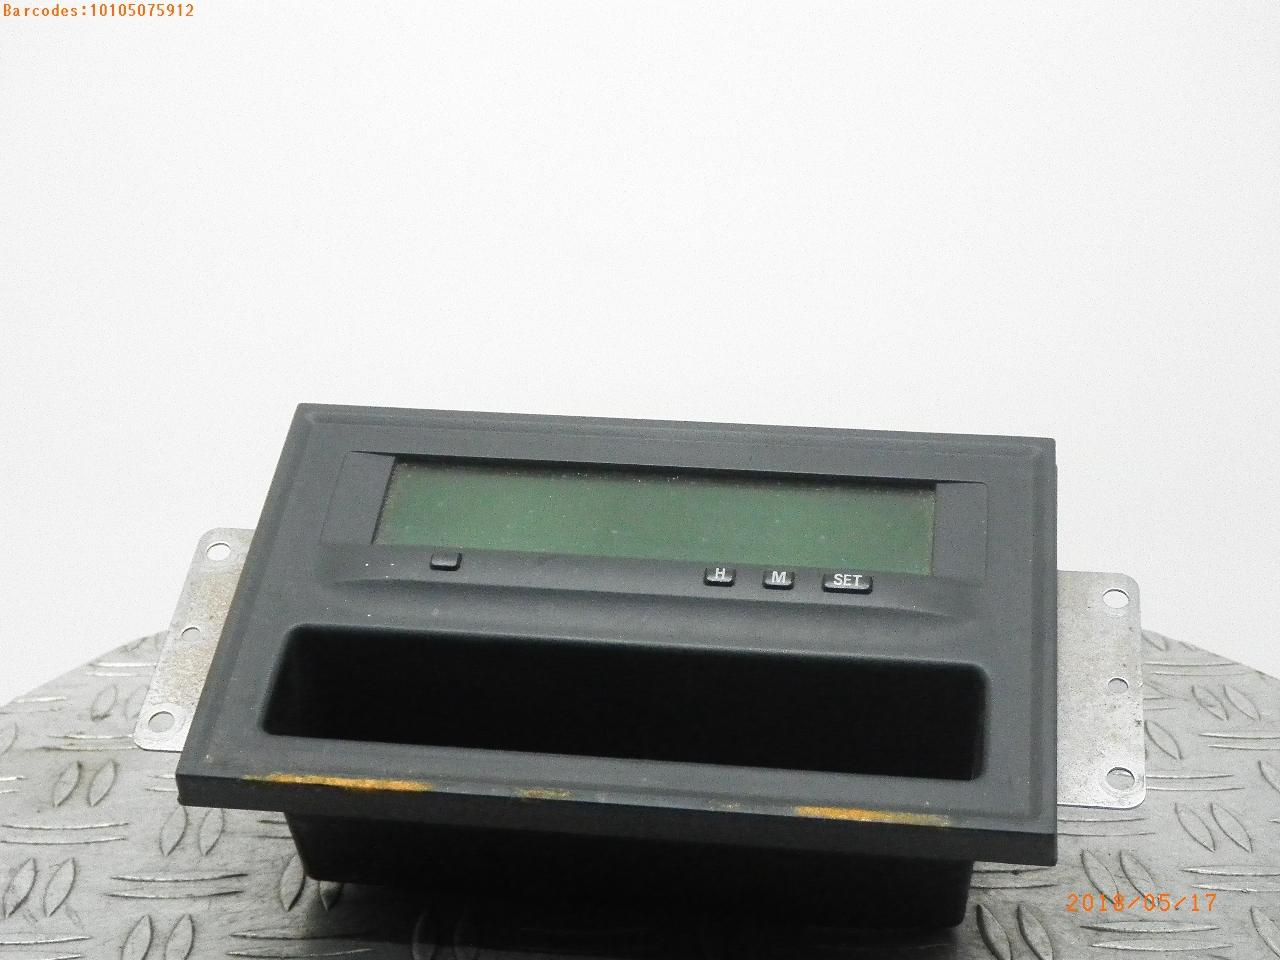 MITSUBISHI SHOGUN TOP DASH DISPLAY MR532881 2001-2006